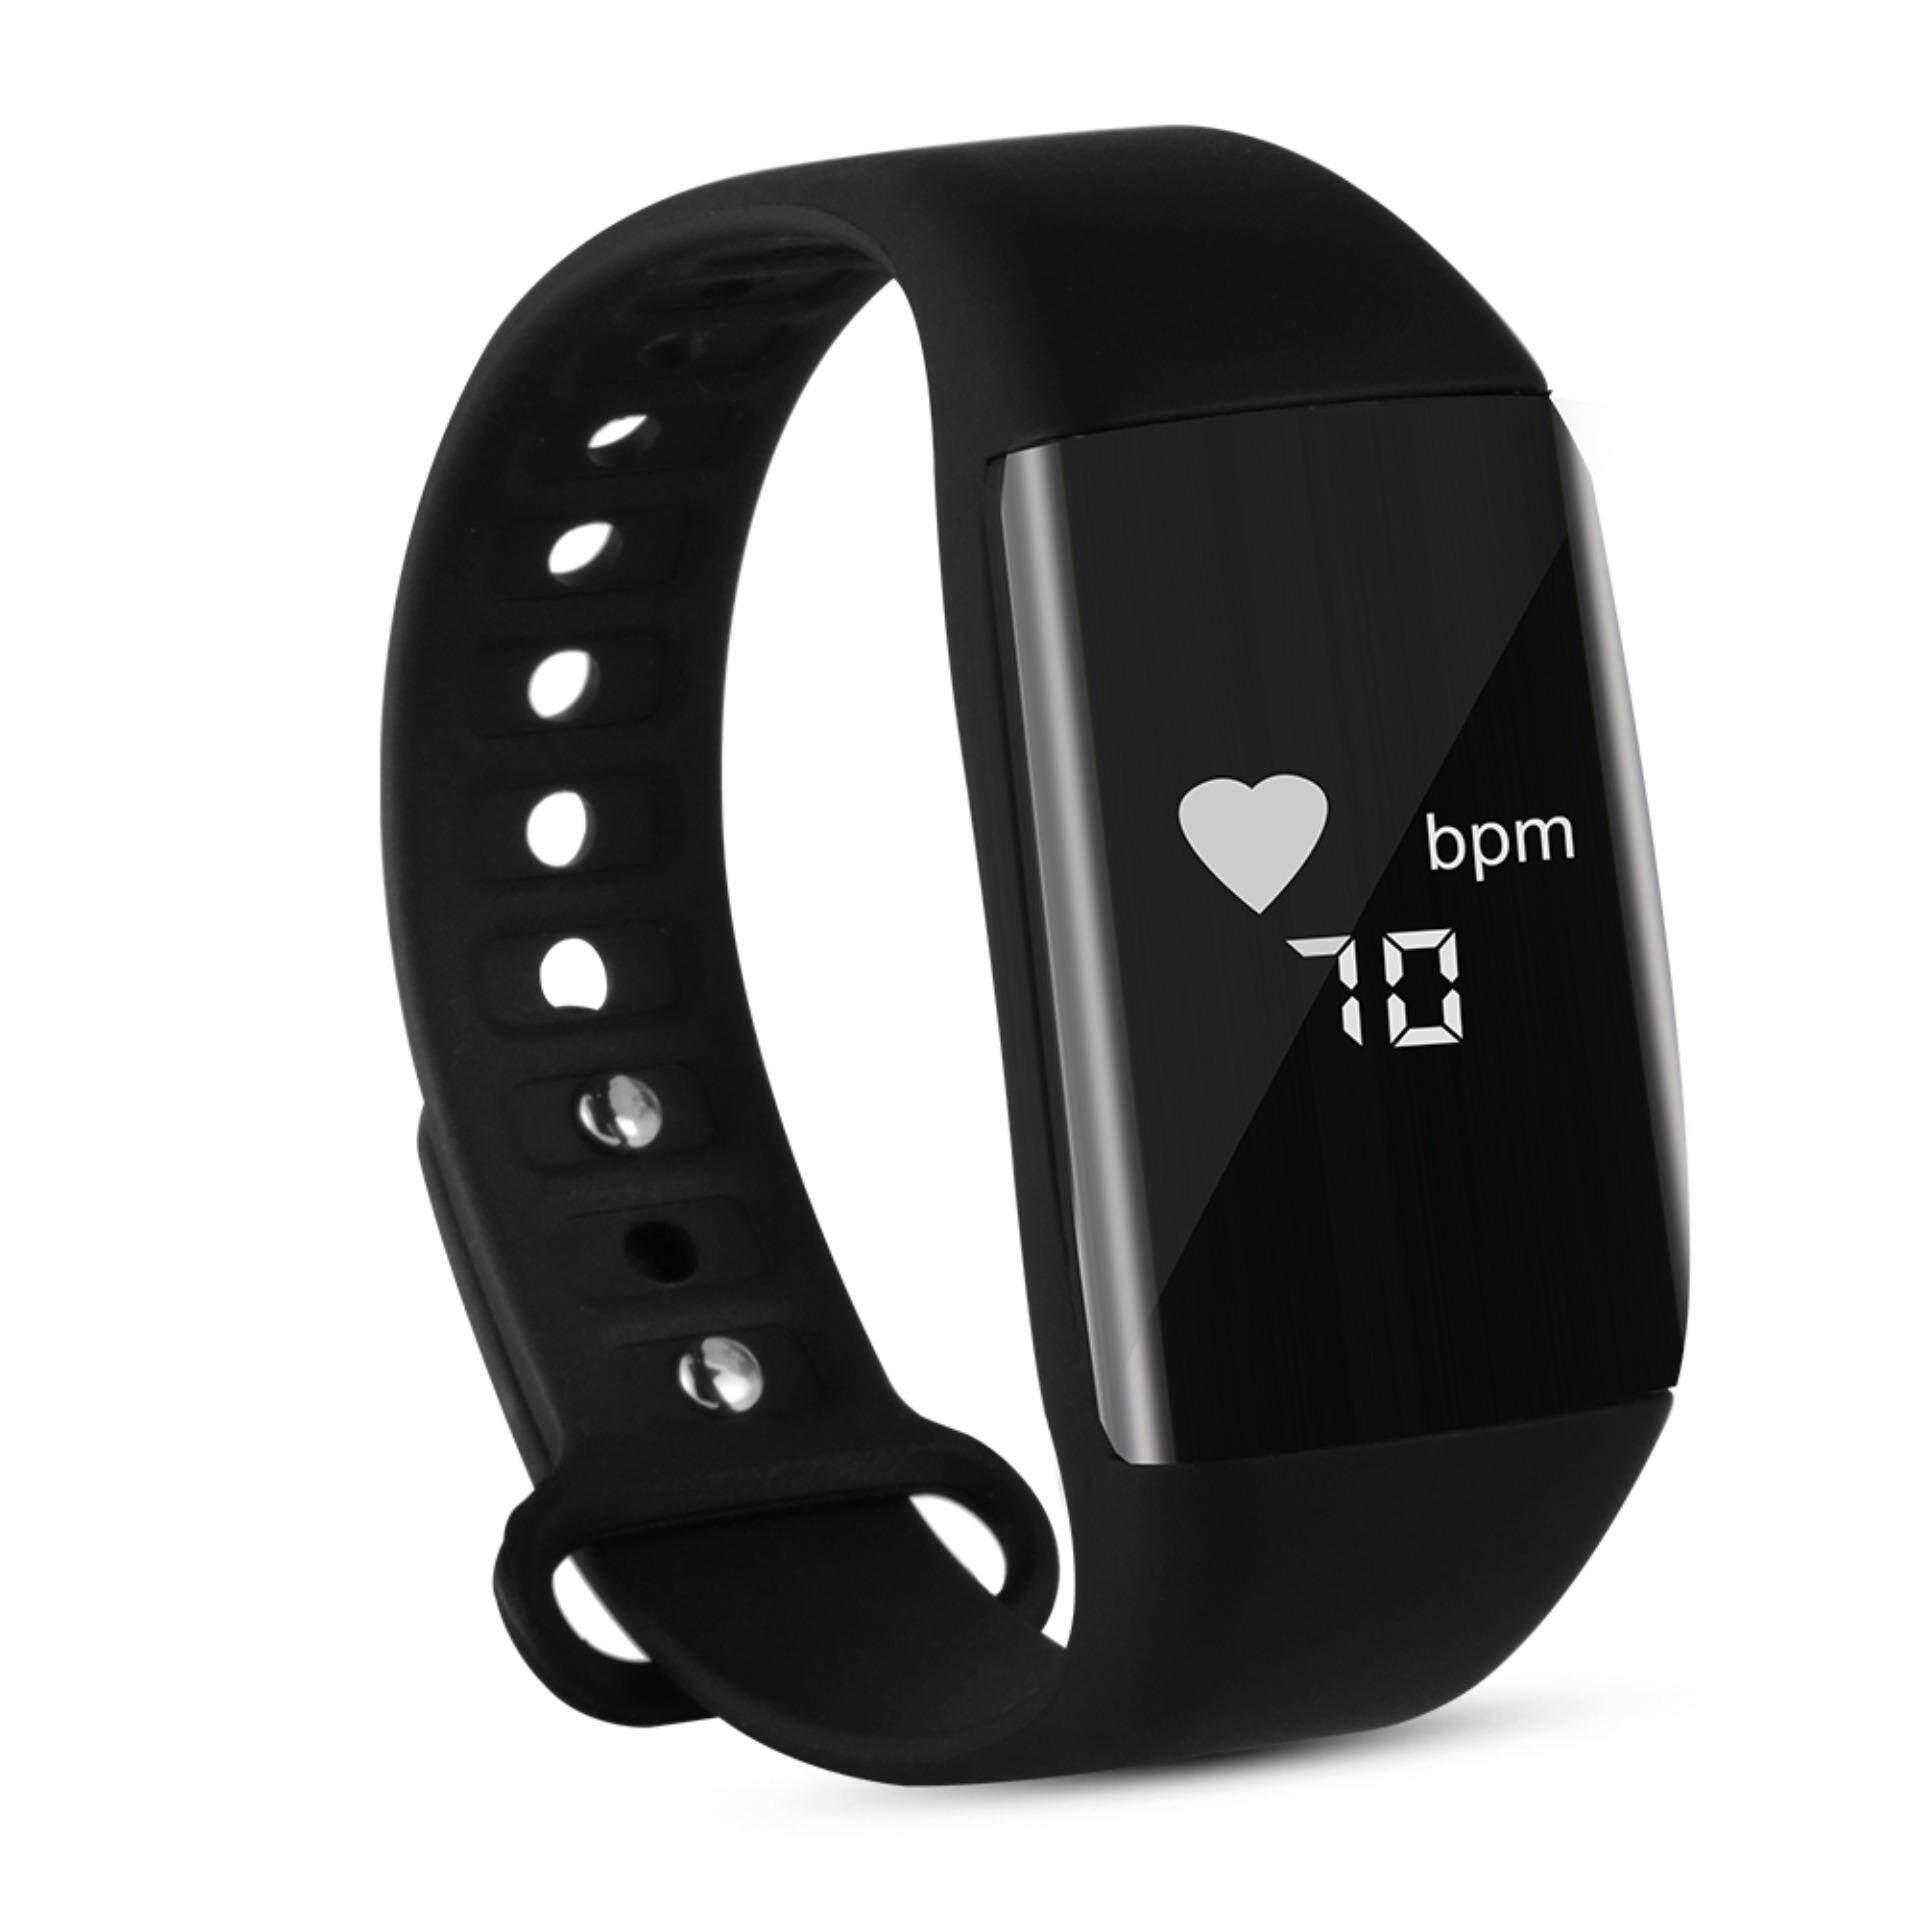 สายรัดข้อมือสุขภาพ นาฬิกาสมาร์ทสปอร์ต วัดอัตราการเต้นของหัวใจ วัดการนอนหลับ